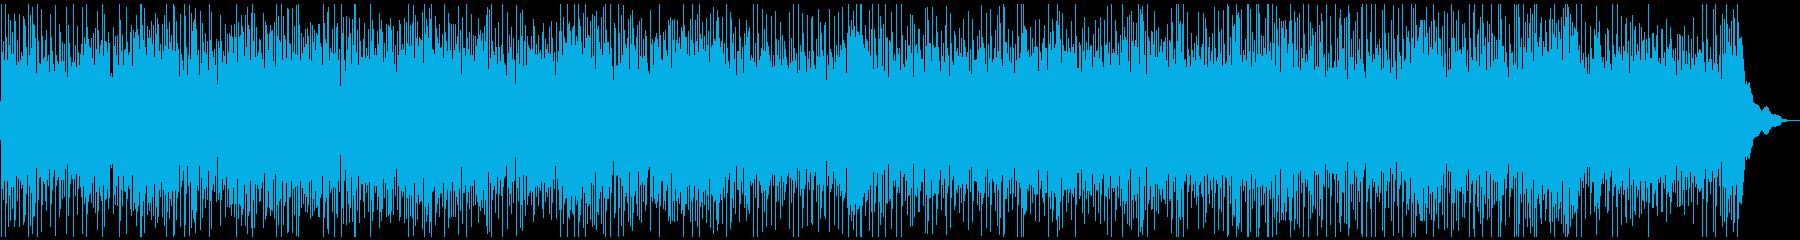 転がりおちるようなピアノロックンロールの再生済みの波形